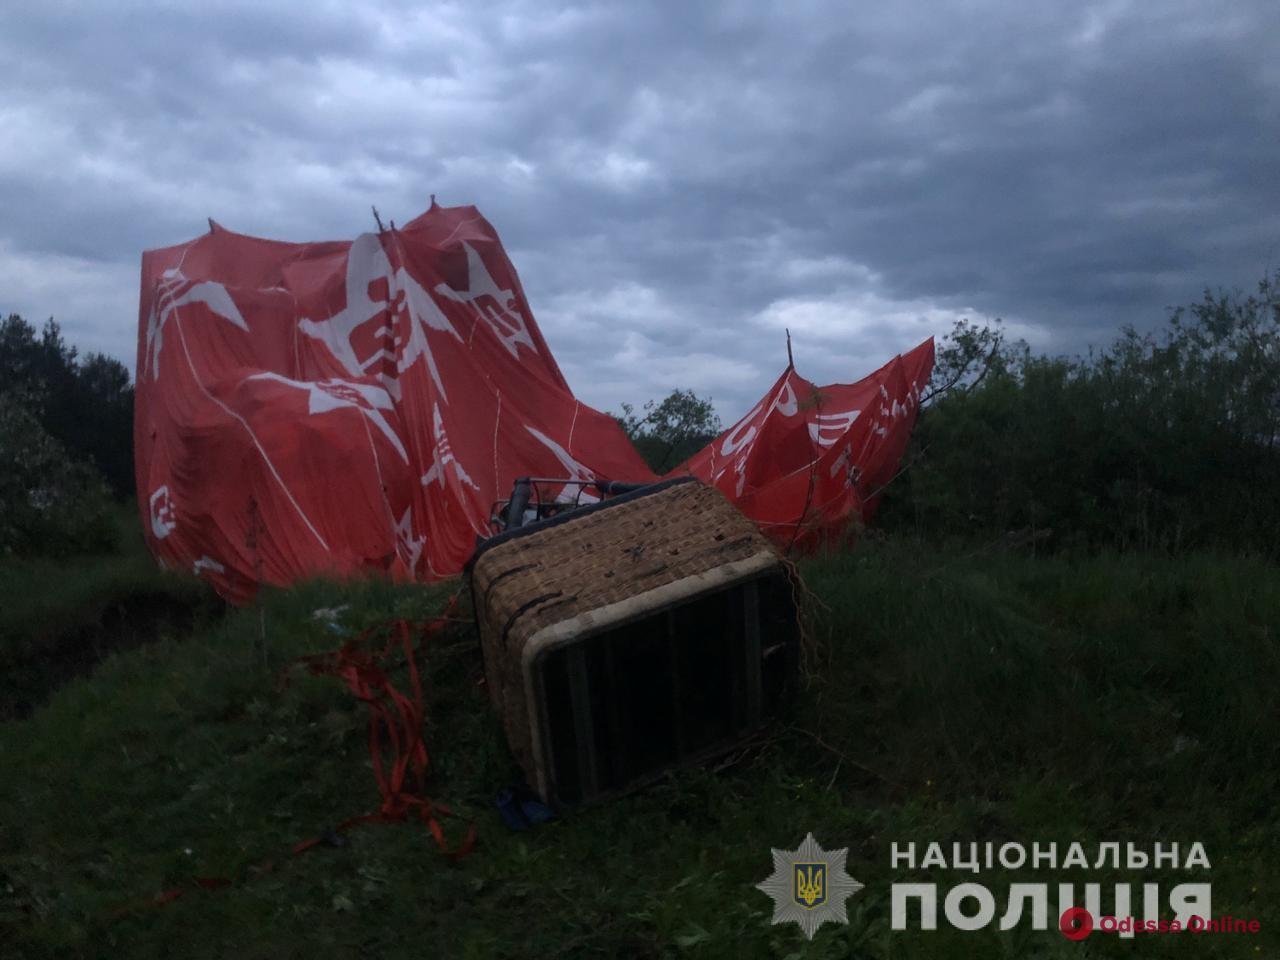 На фестивале в Хмельницкой области упал воздушный шар с людьми – есть погибший